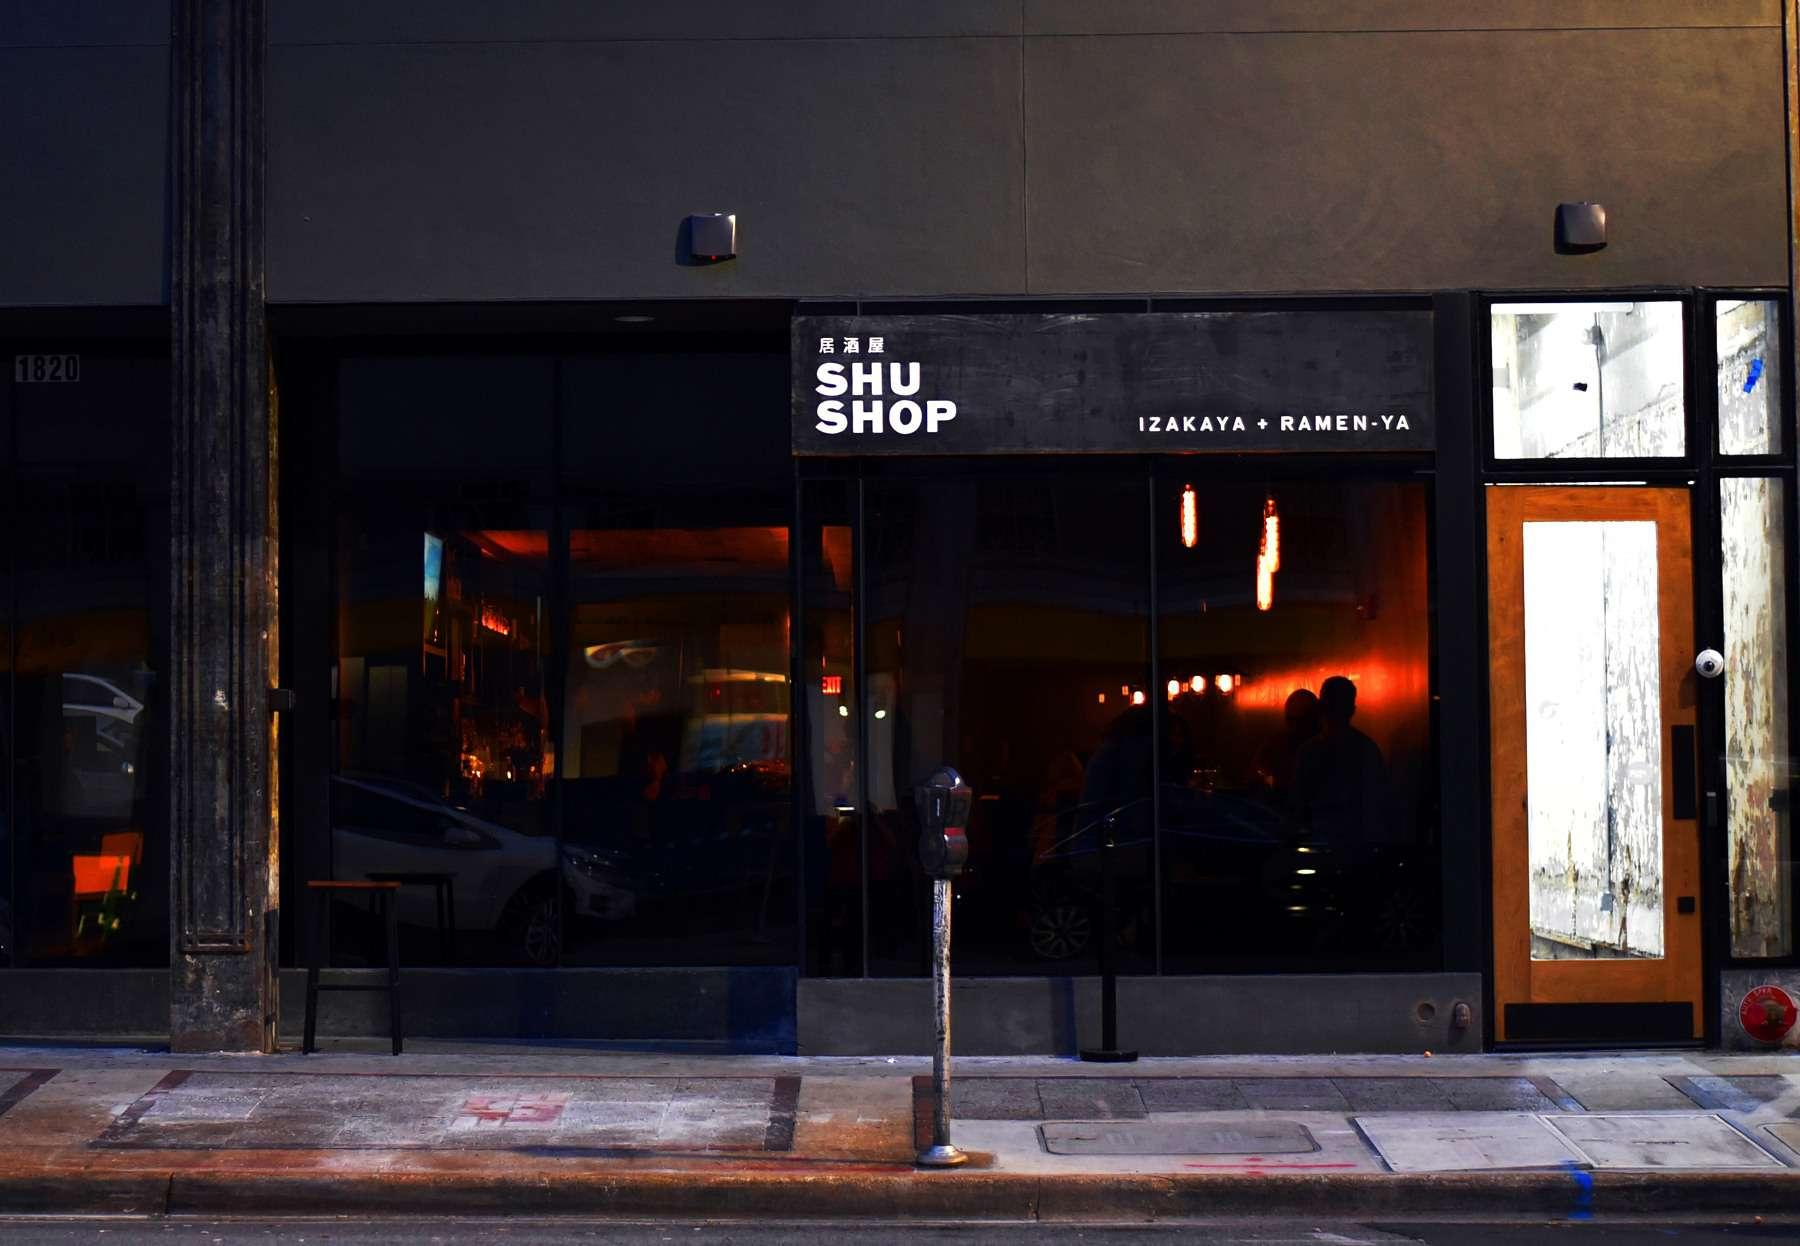 The Shu Shop